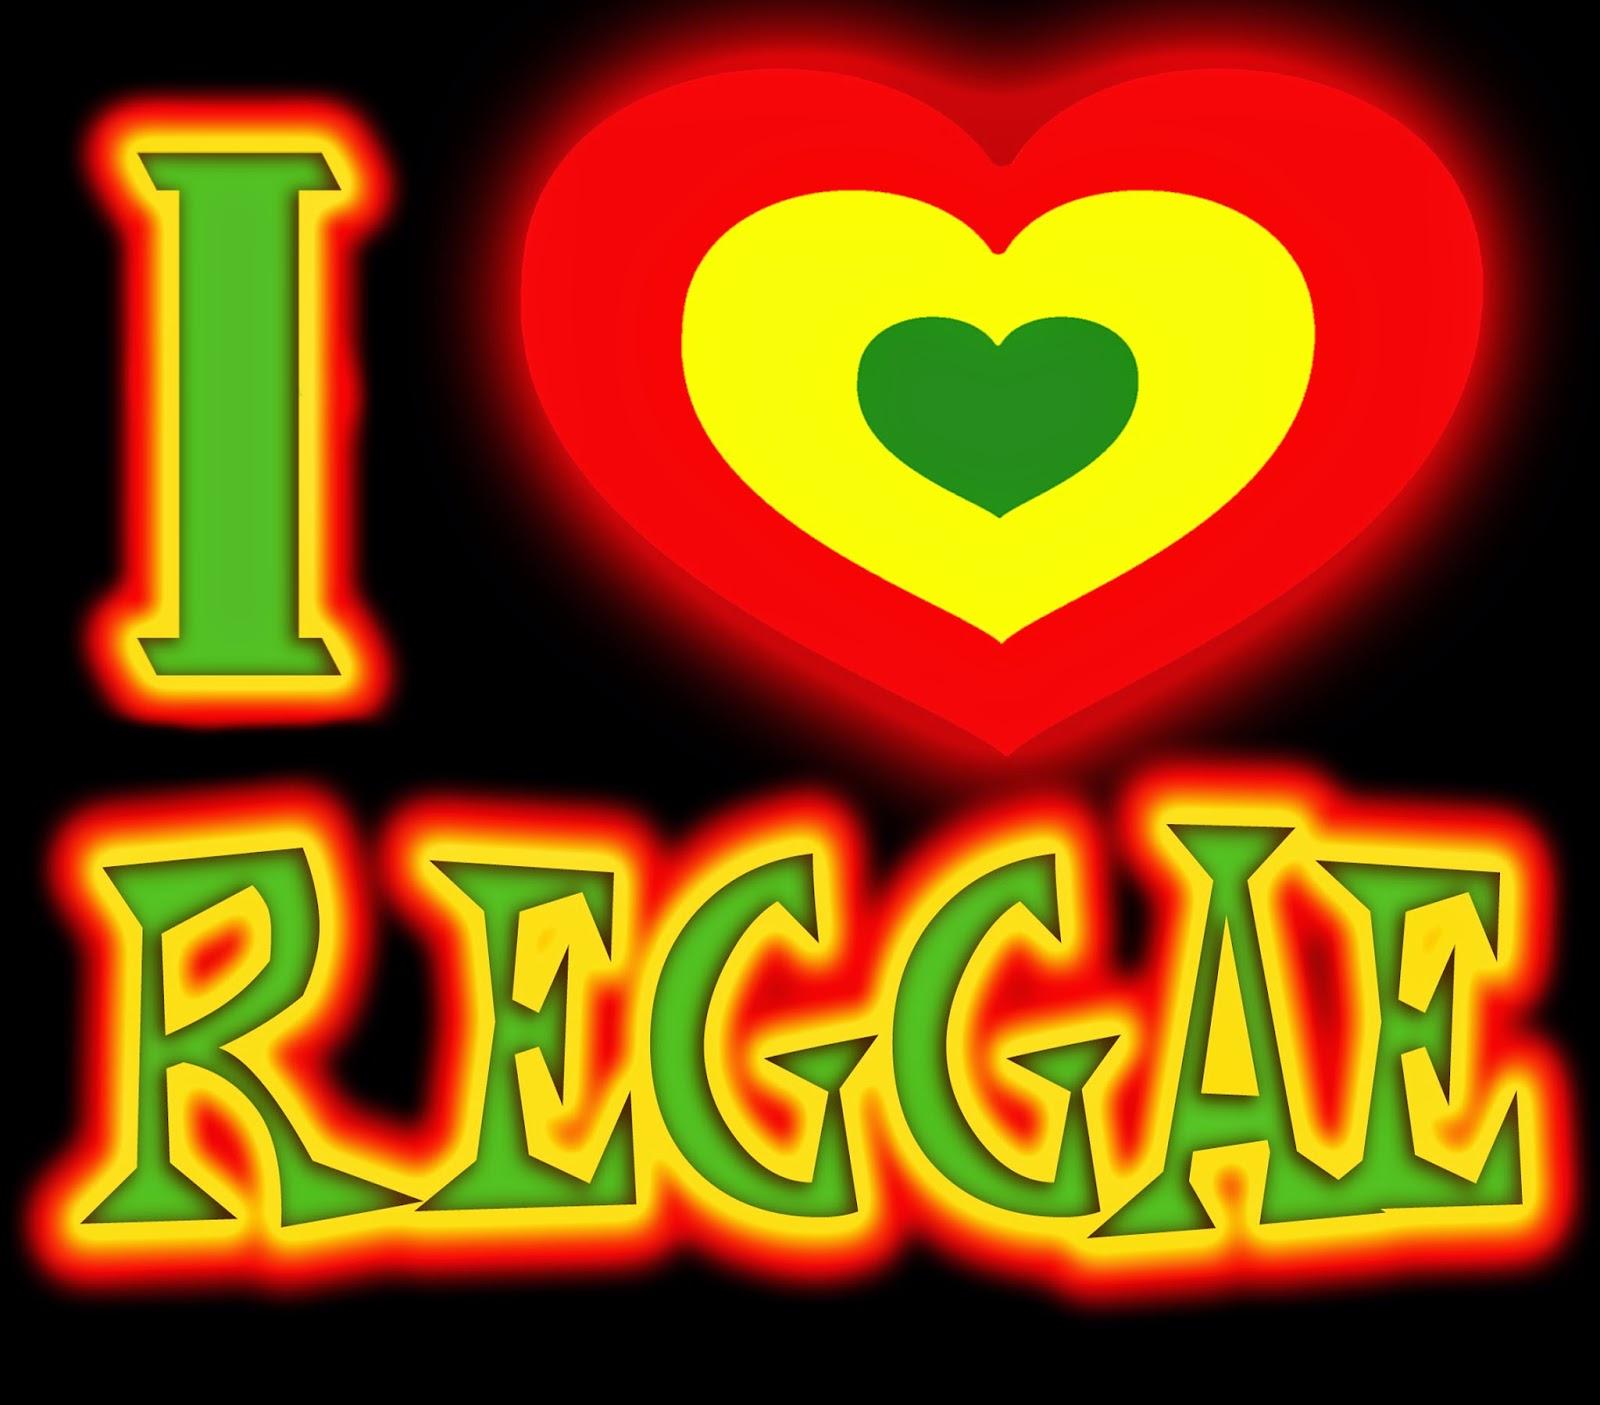 Gambar Wallpaper Reggae Wallpaper Reggae Indonesia 2015 1600x1405